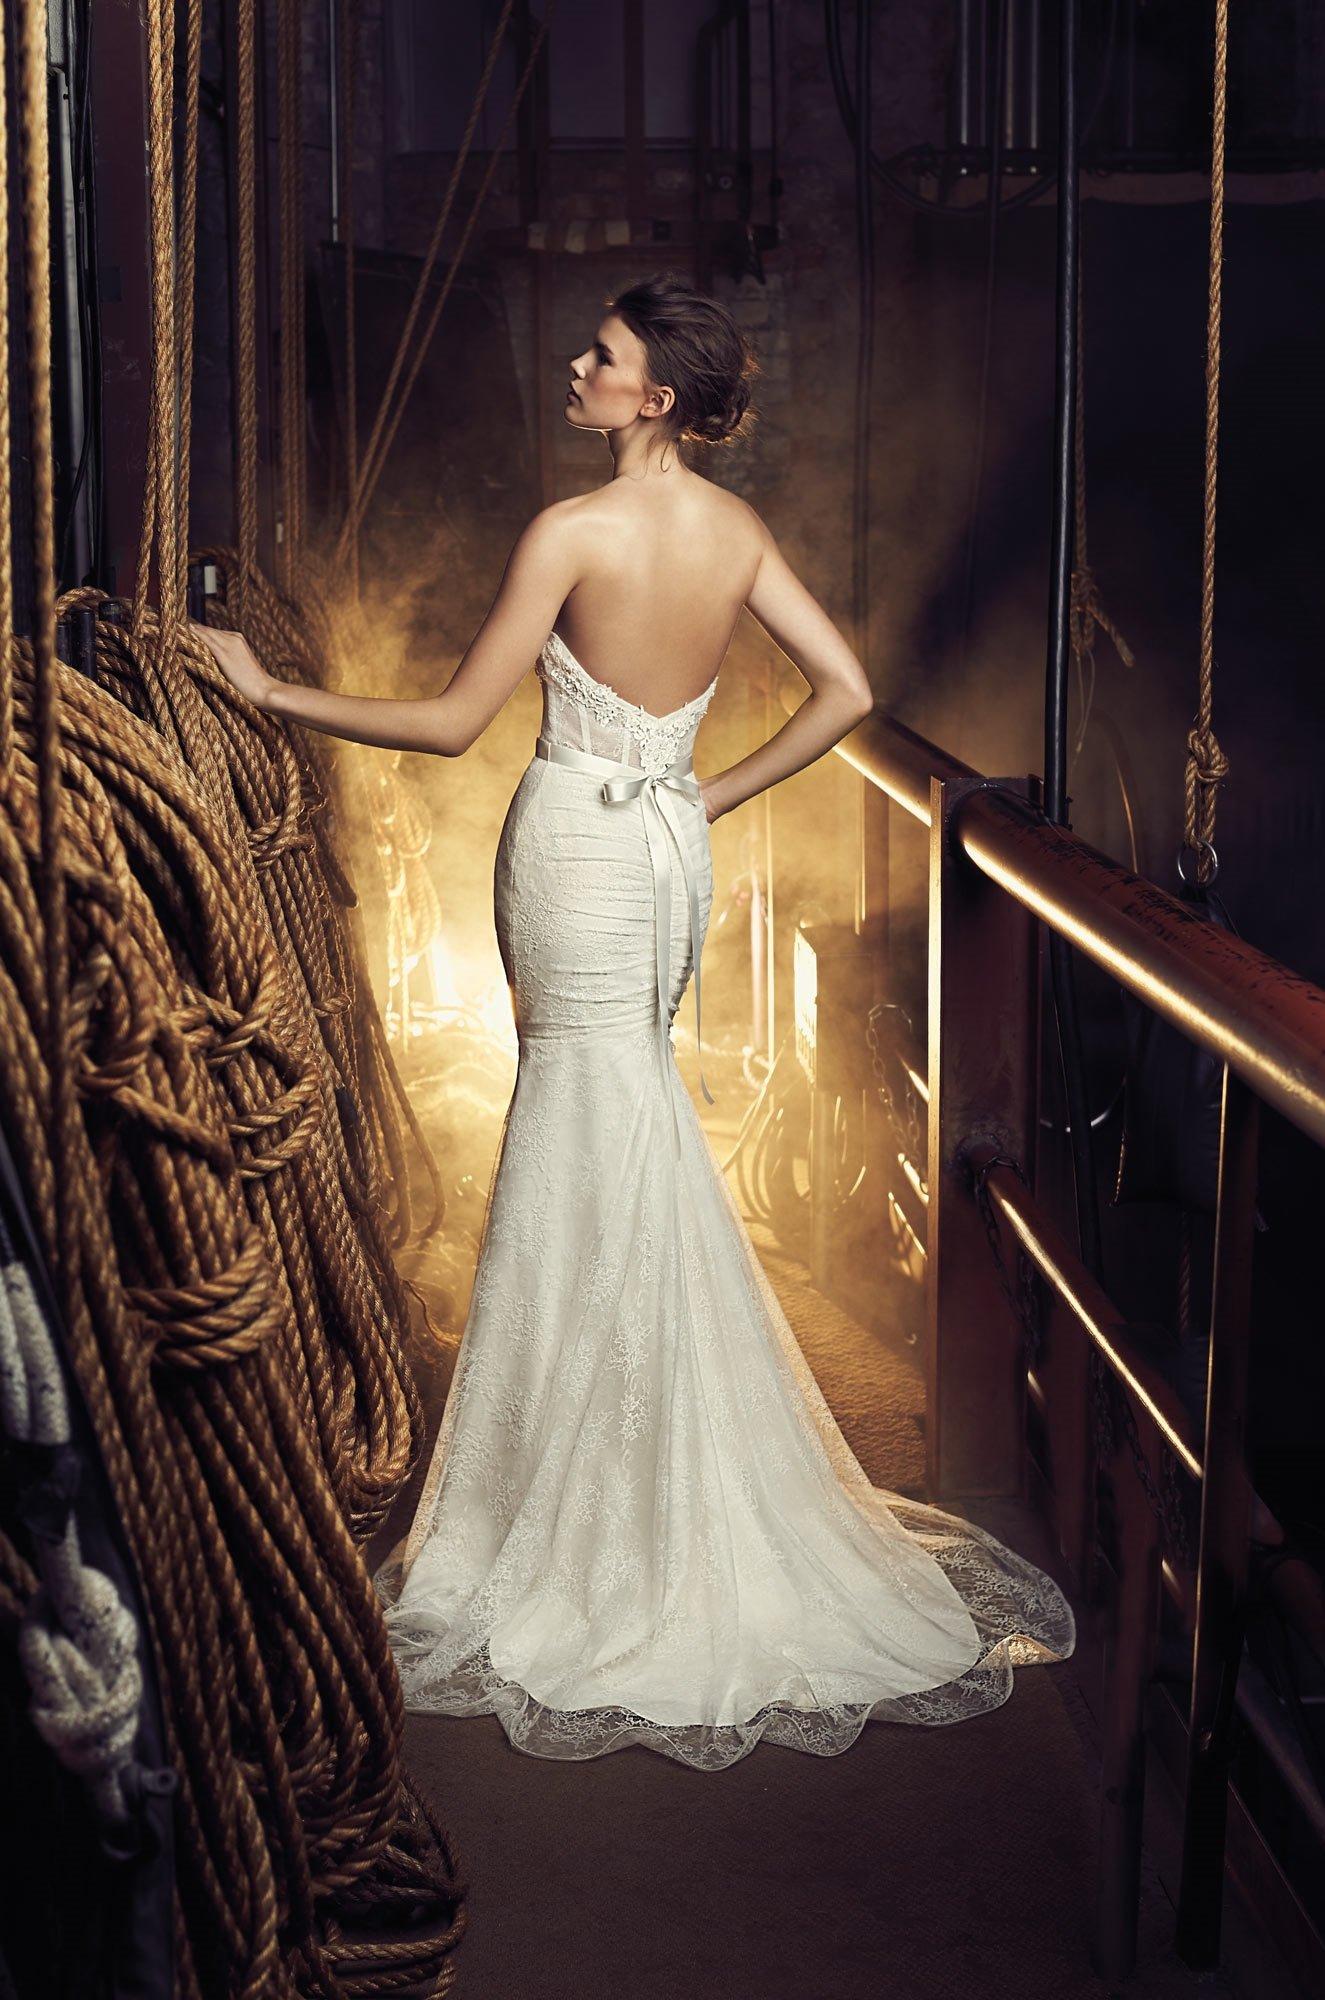 Sheer Bodice Wedding Dress - Style #2080 | Mikaella Bridal